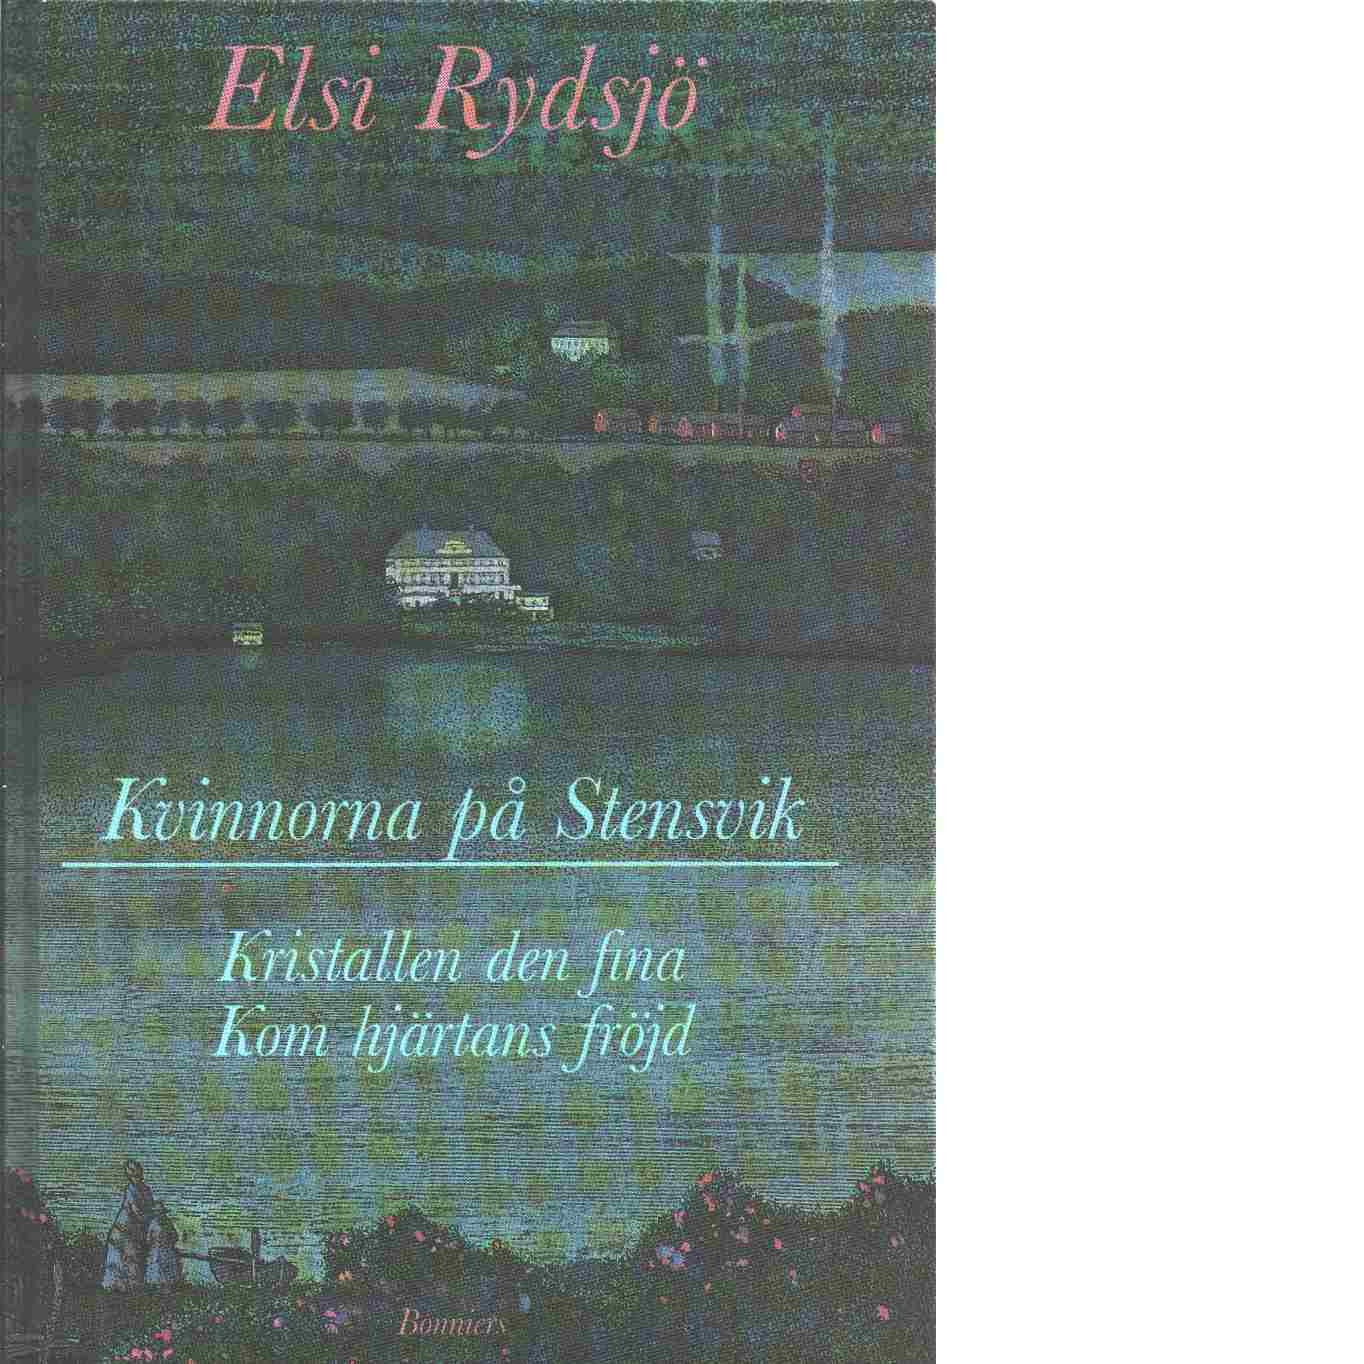 Kvinnorna på Stensvik : Kvinnorna på Stensvik, Kristallen den fina och Kom hjärtans fröjd - Rydsjö, Elsi